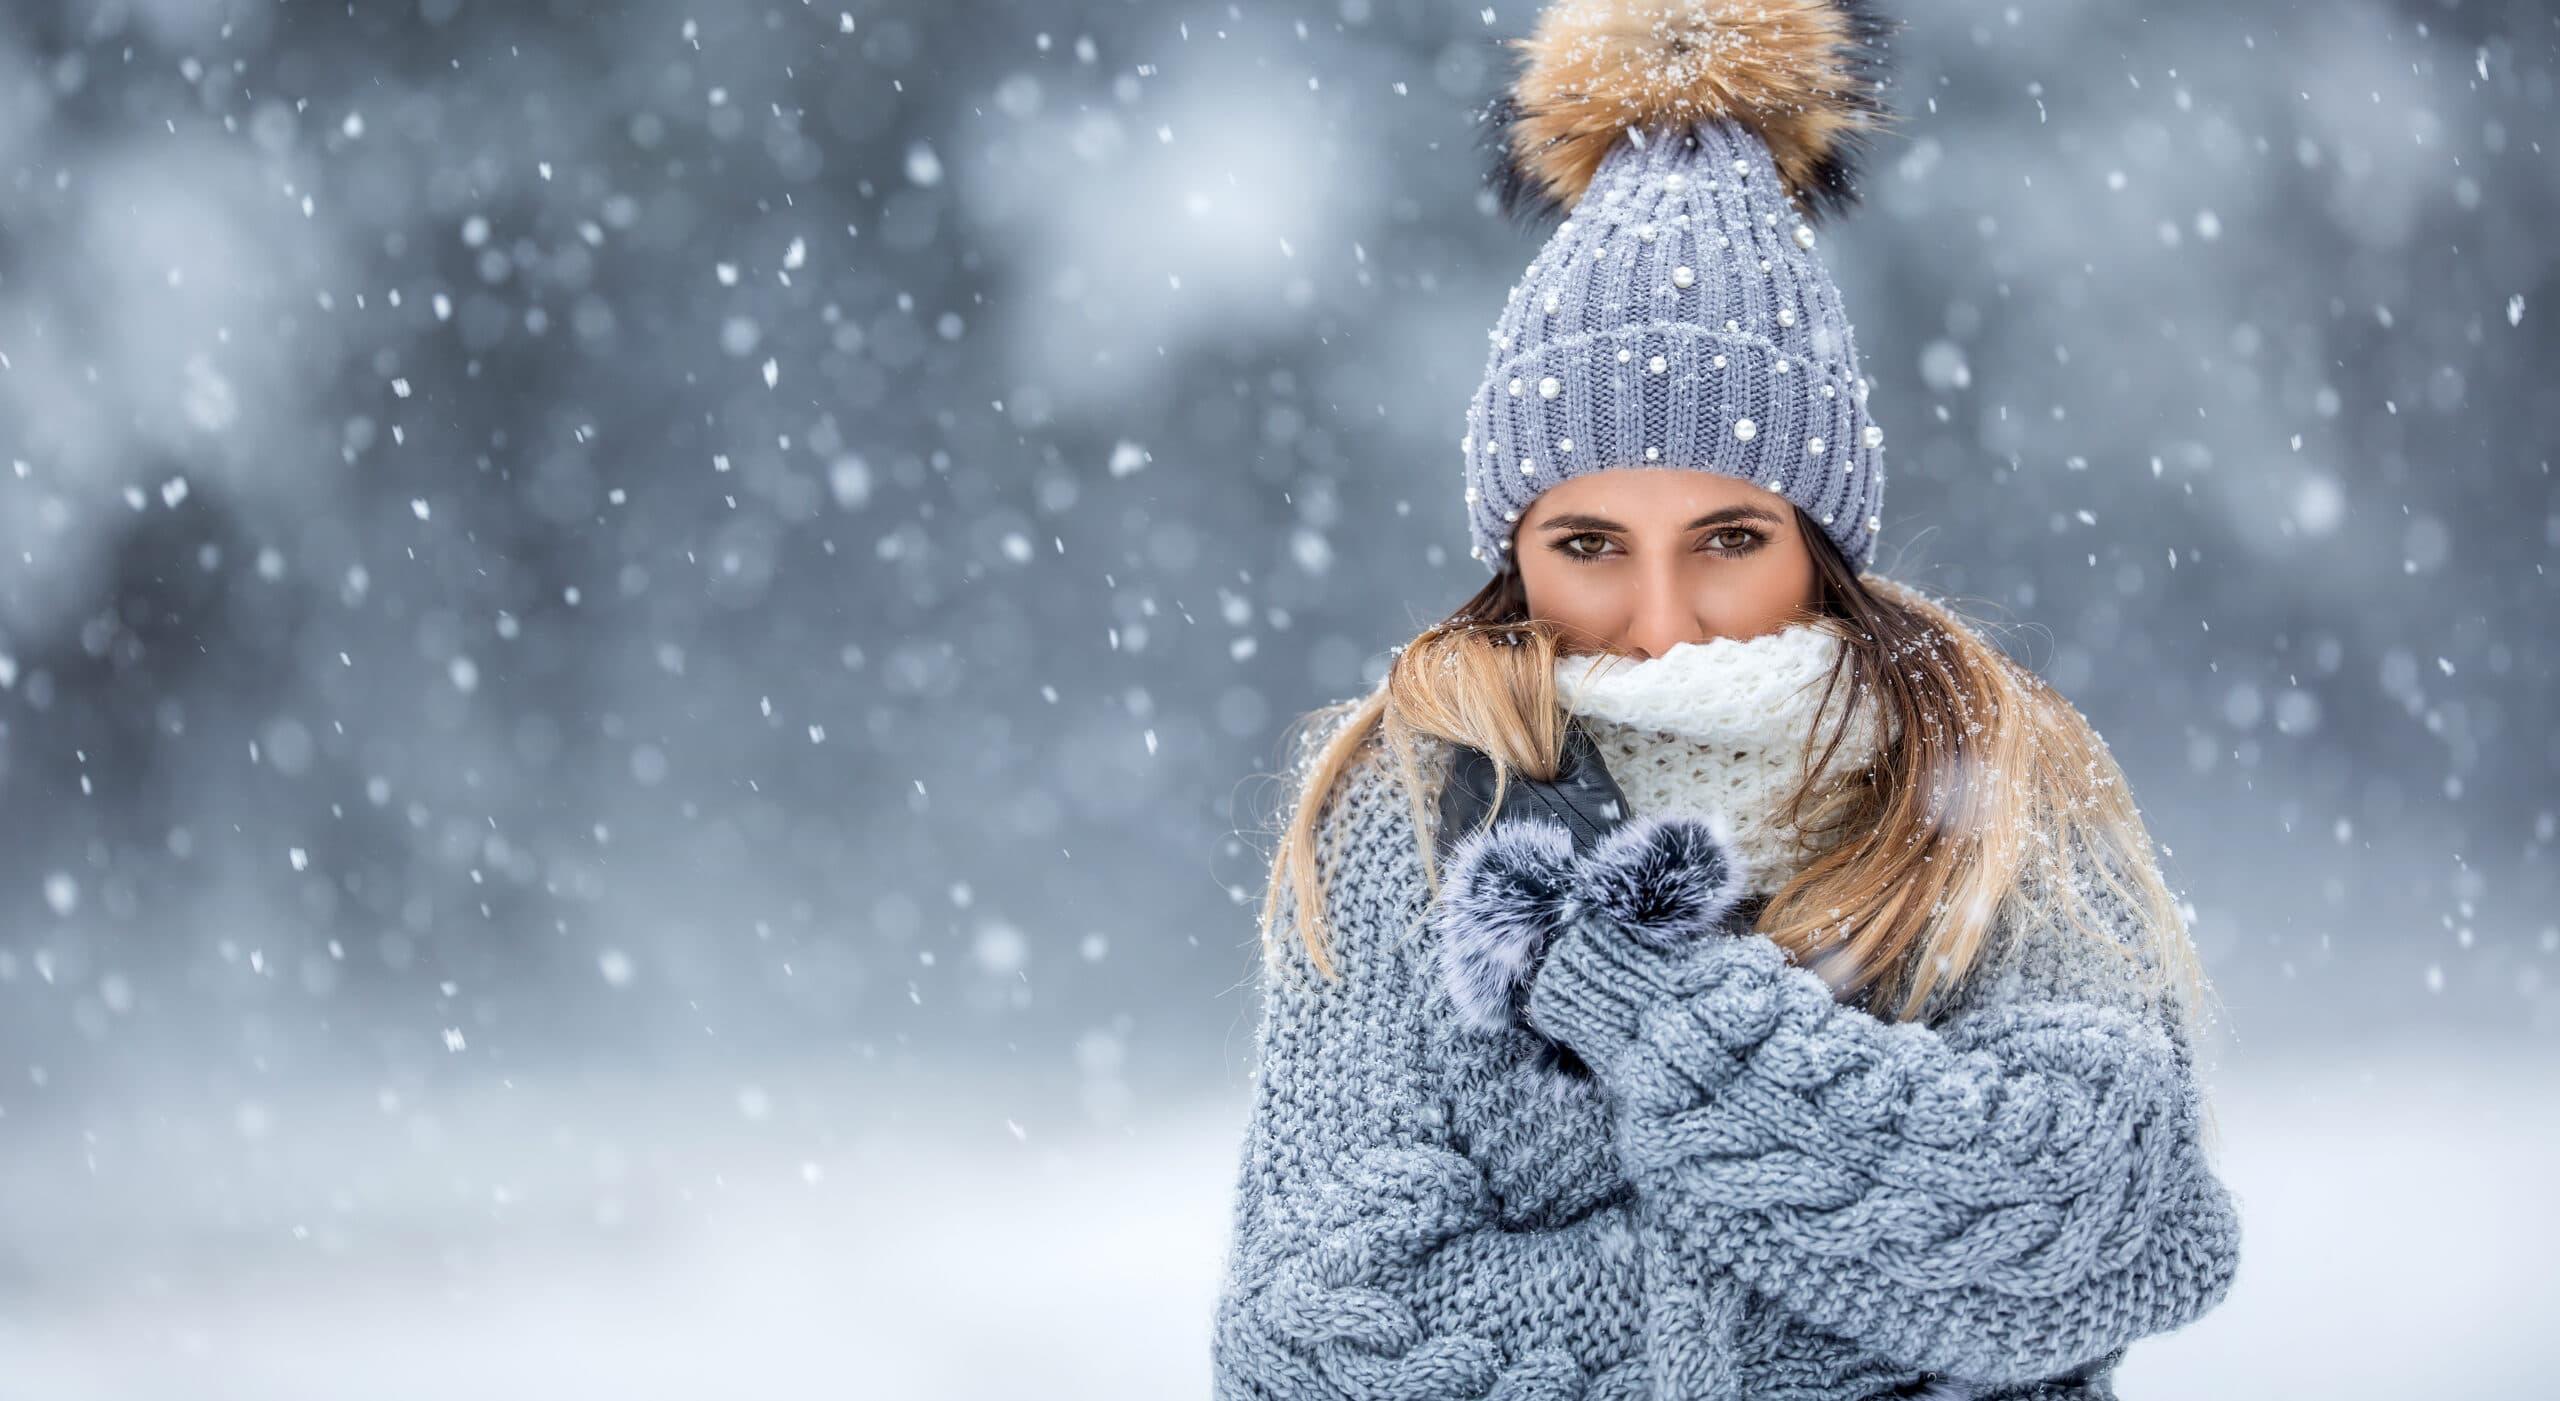 Votre routine de soin pendant l'hiver